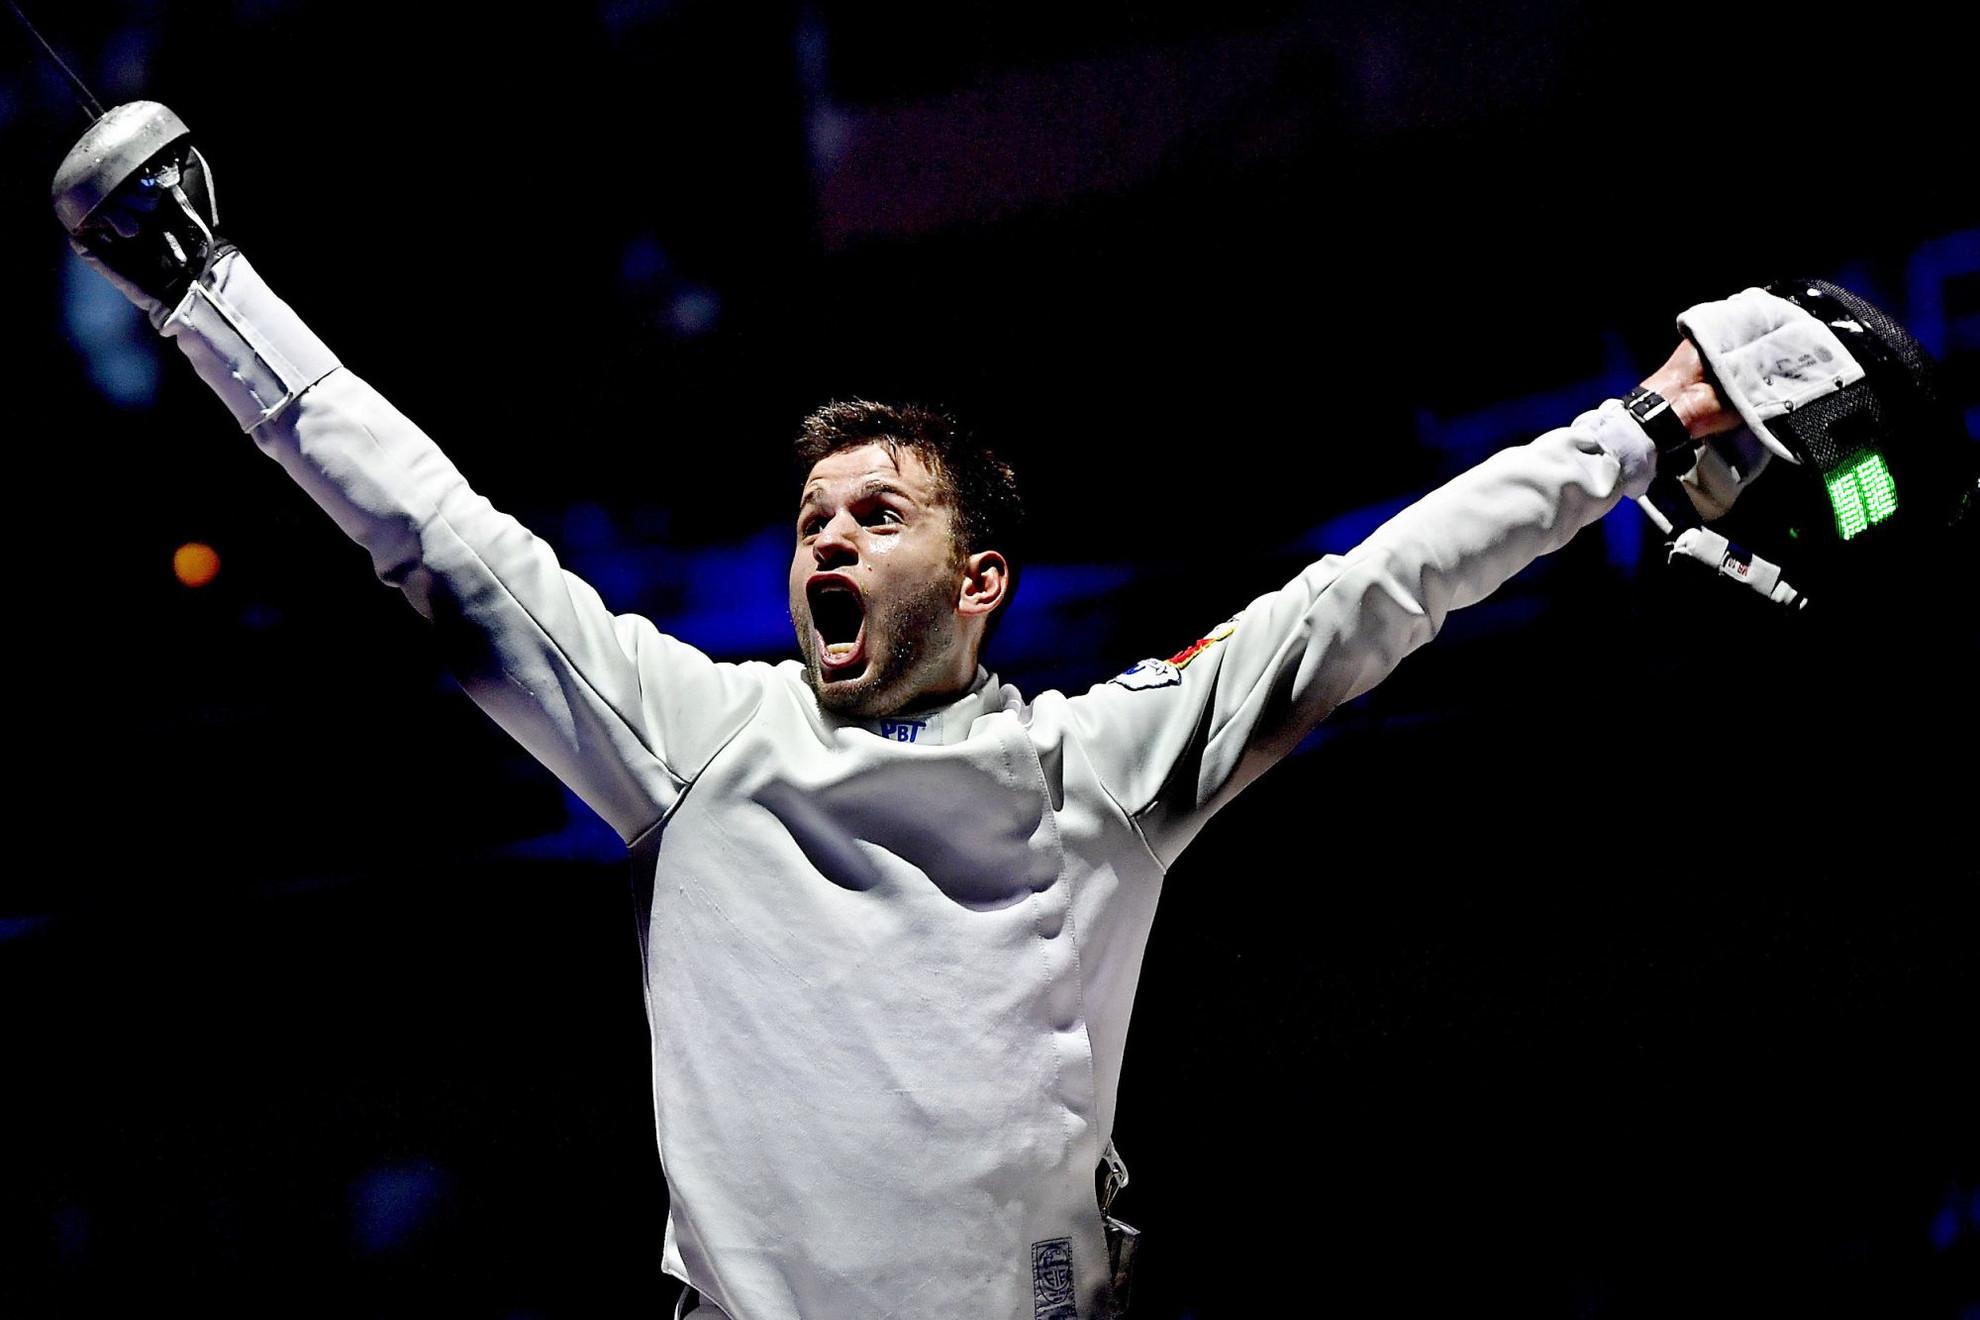 A Honvéd 21 éves vívójának nagy pillanata: világbajnok lett a hazai közönség előtt